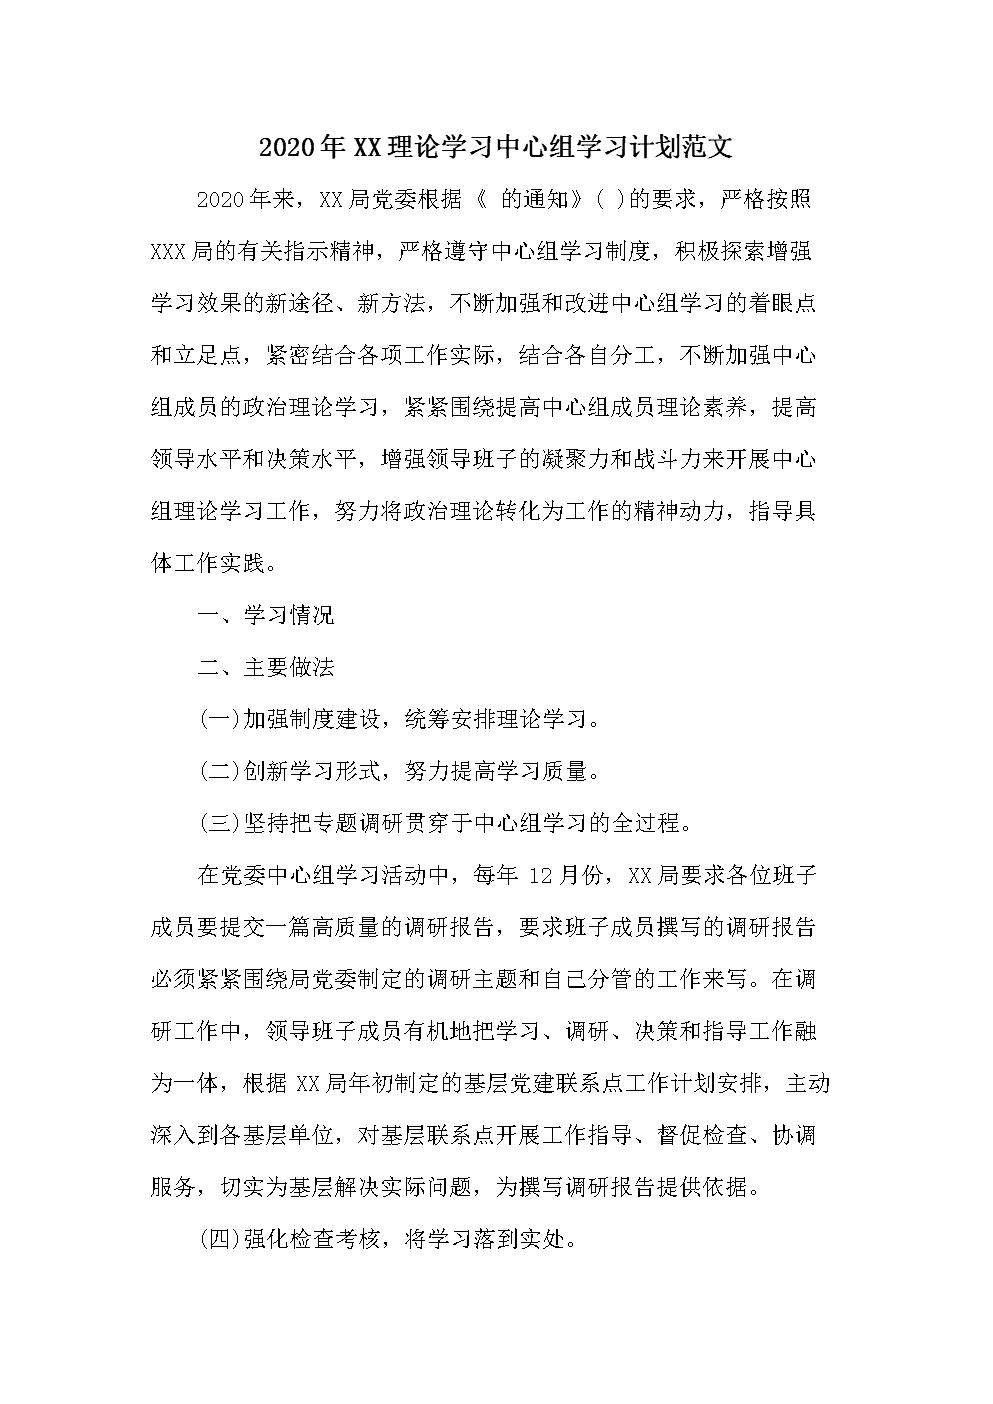 2020年理论学习中心组学习计划范文.doc